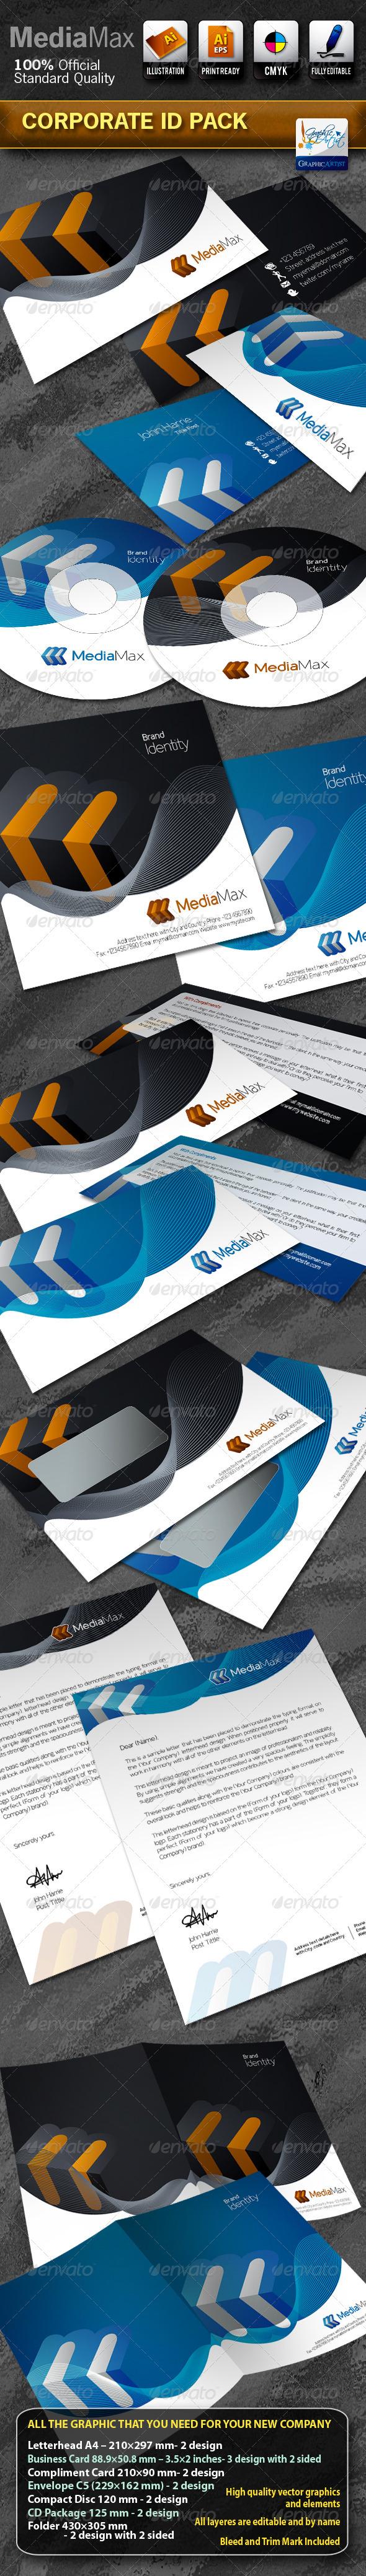 Ipower Midea Studio Corporate Identity GraphicRiver File